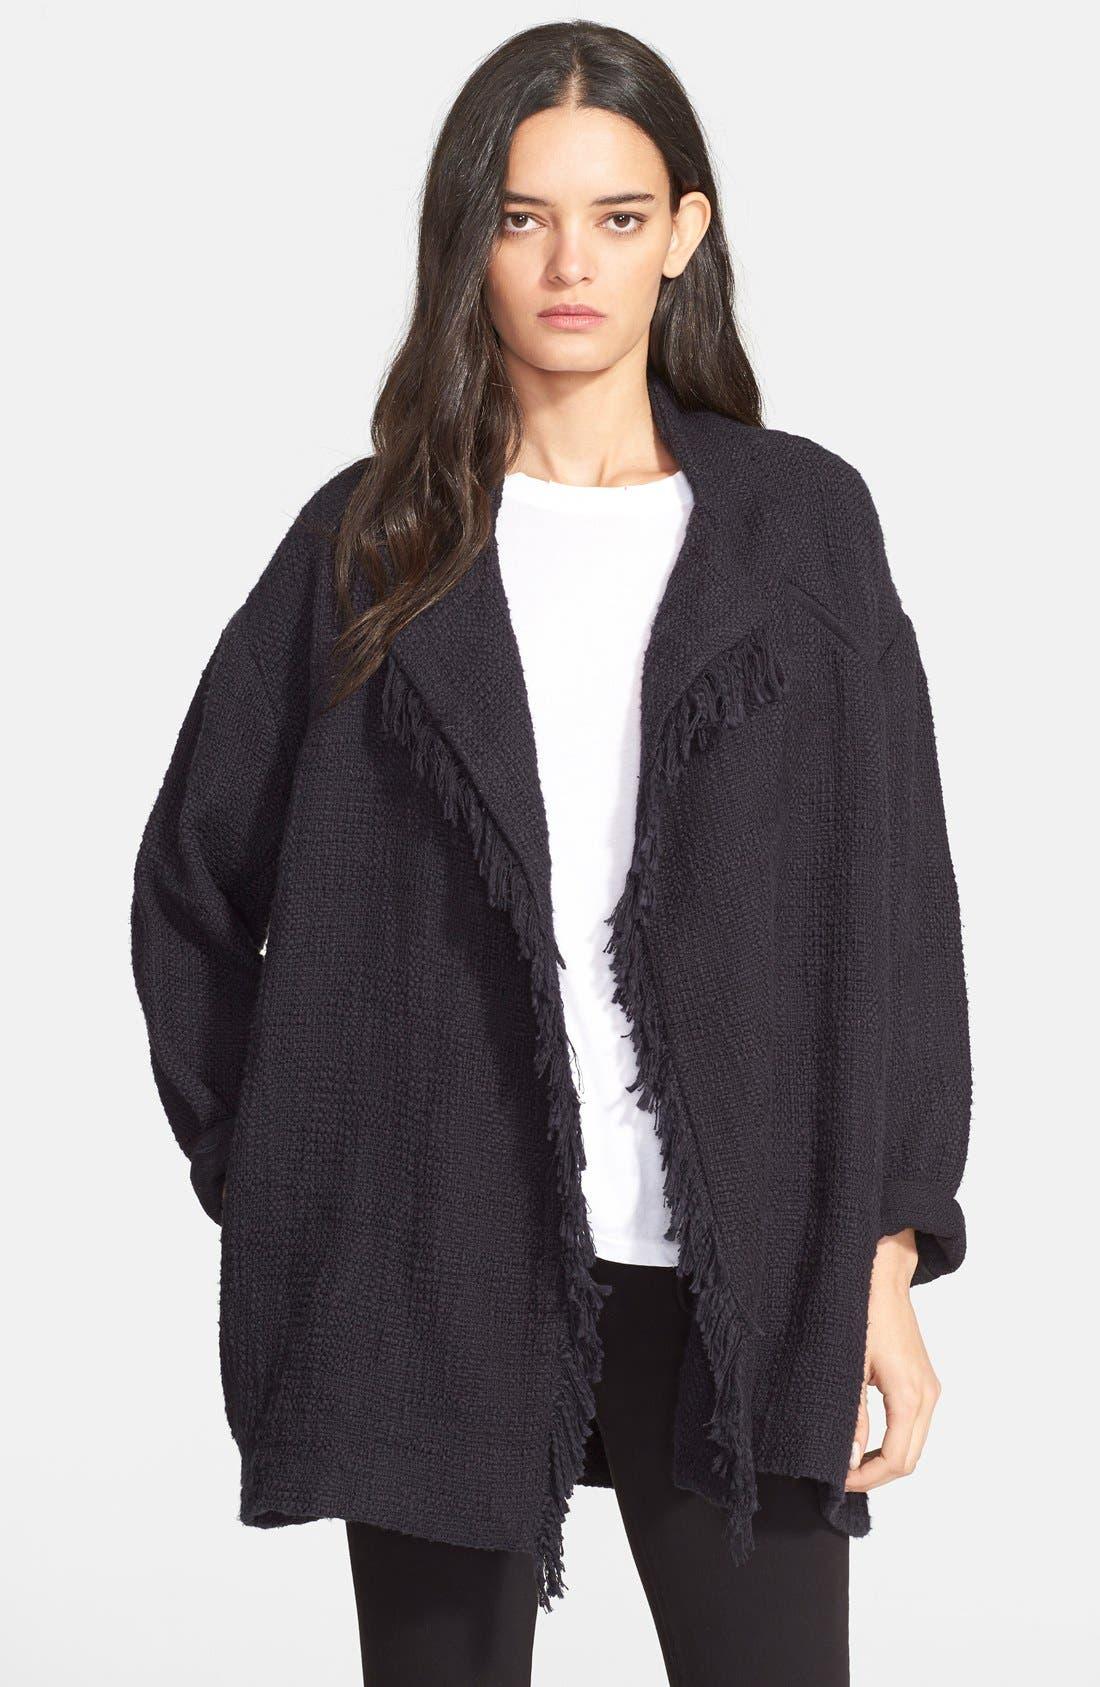 Alternate Image 1 Selected - IRO 'Cauley' Oversize Cardigan Jacket